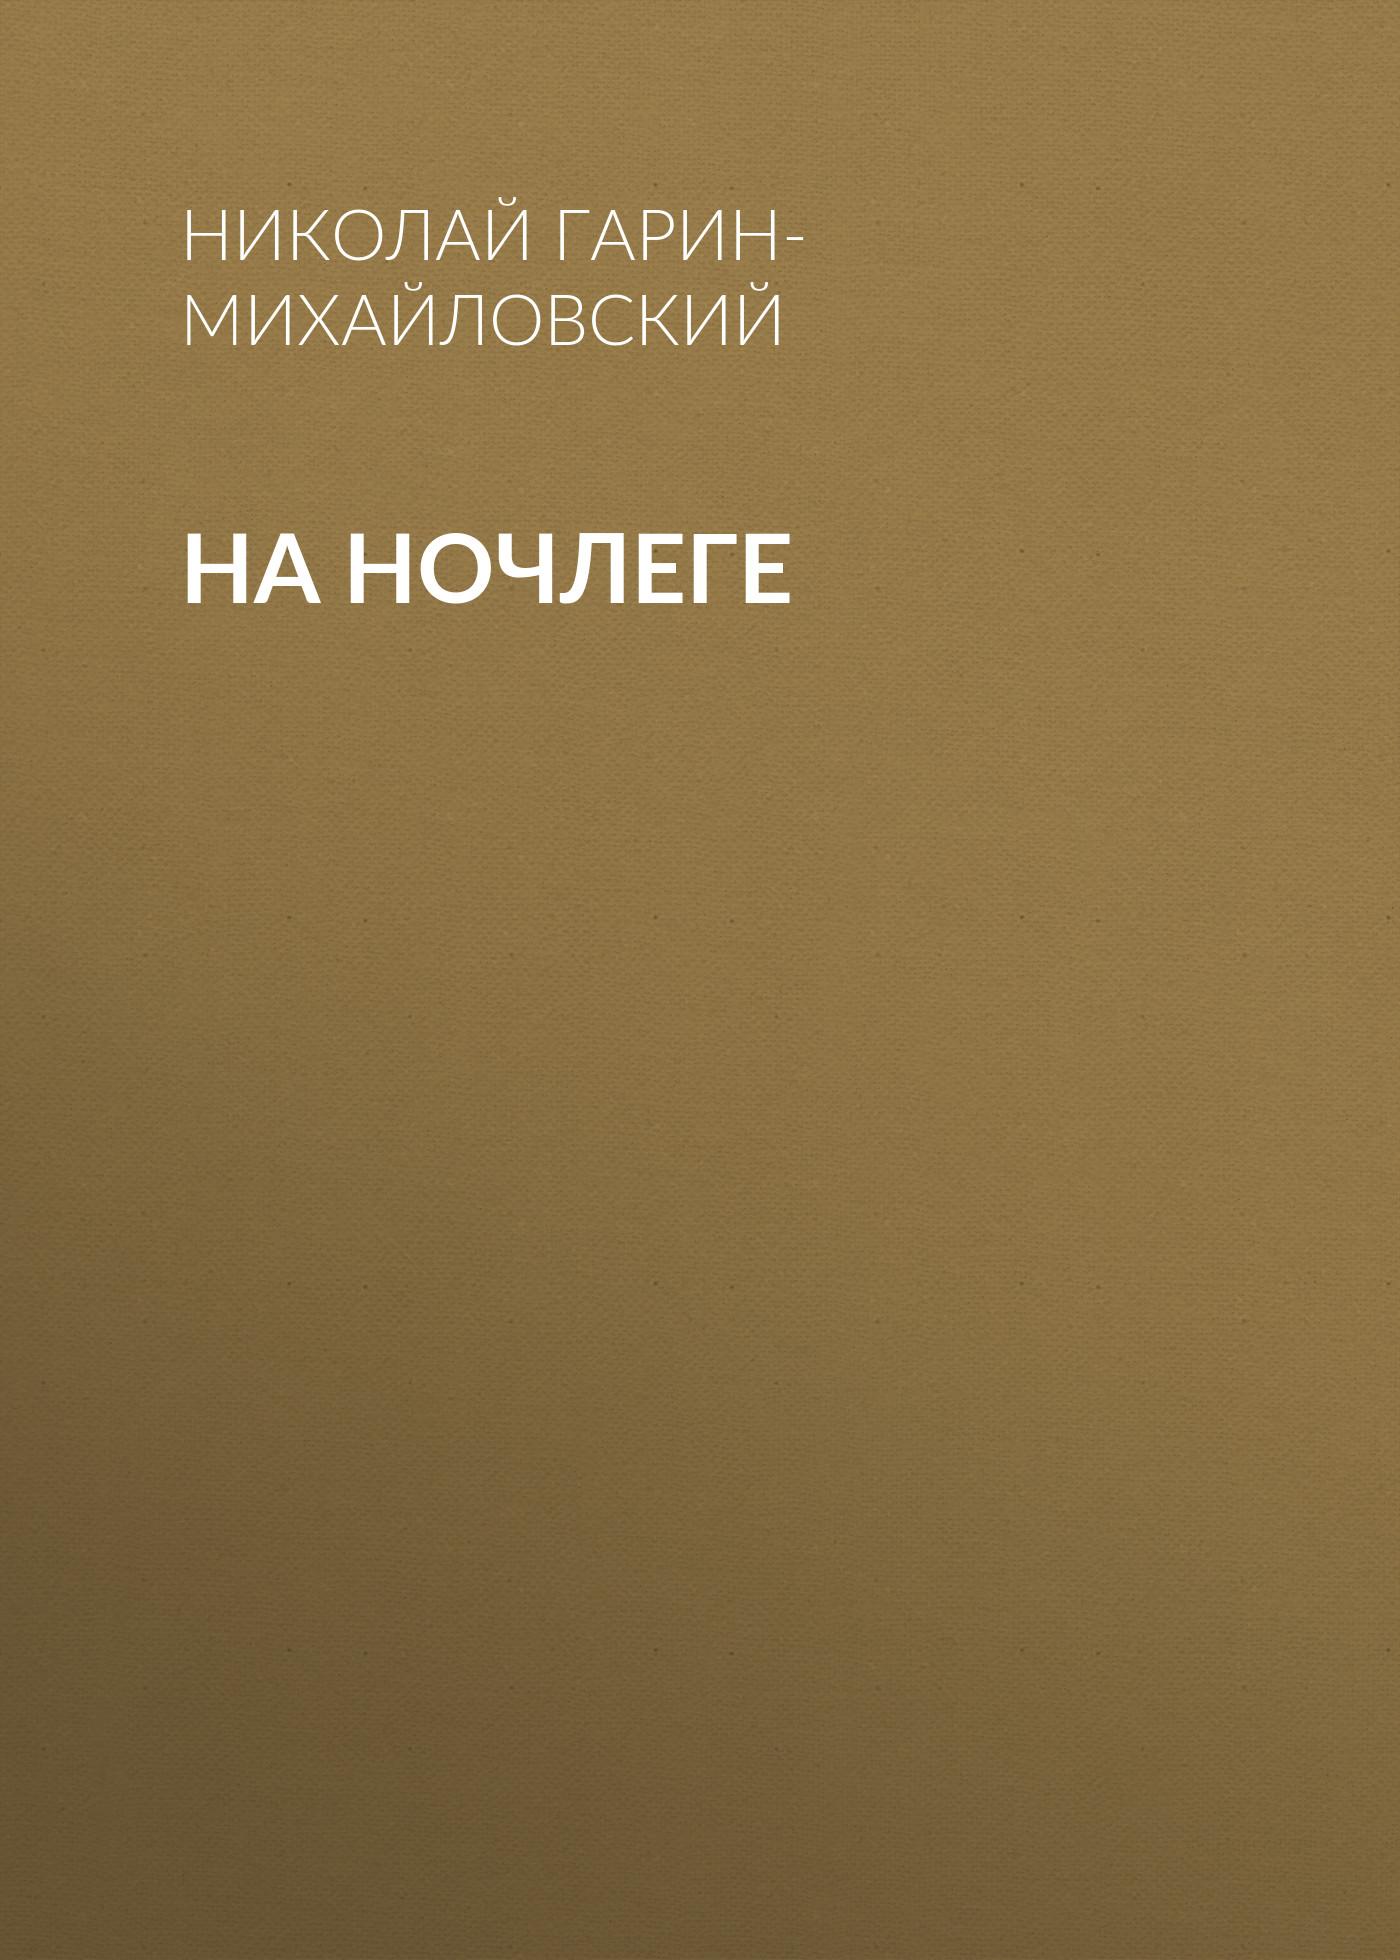 Николай Гарин-Михайловский На ночлеге николай серый тёмные лучи